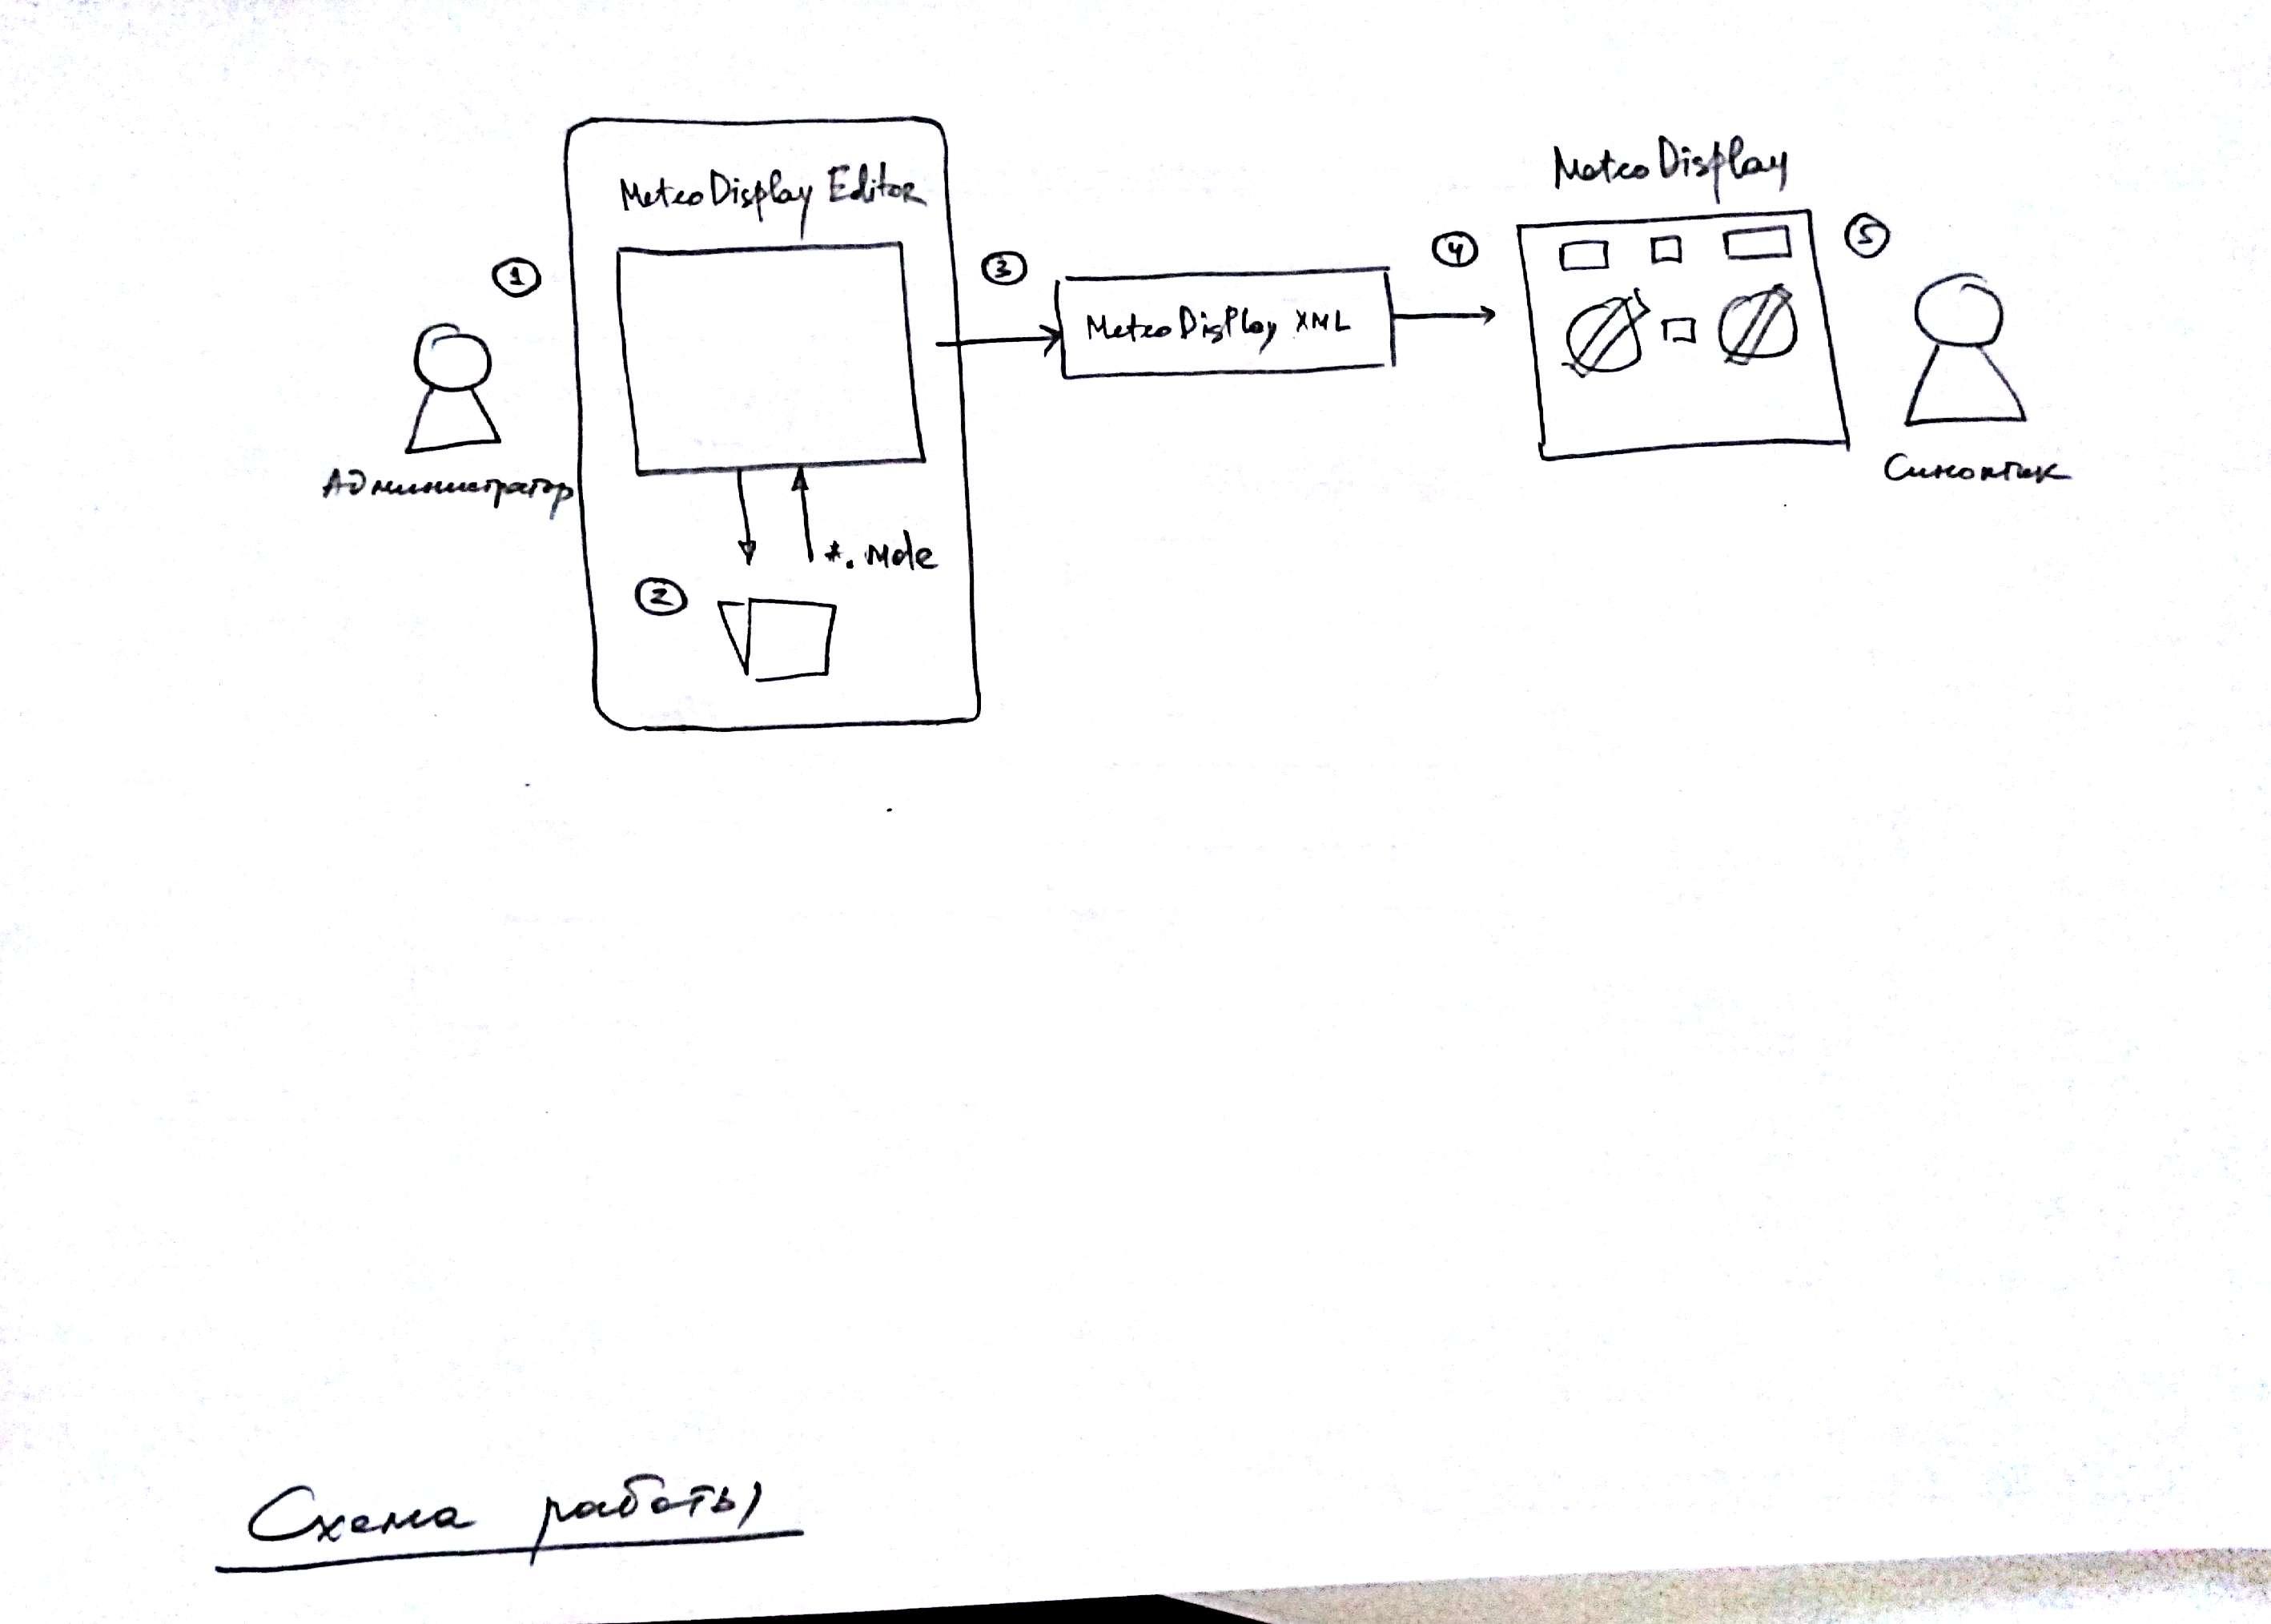 Конструктор интерфейса экрана метеостанции для АВИАМЕТТЕЛЕКОМ  РОСГИДРОМЕТА г.Москва